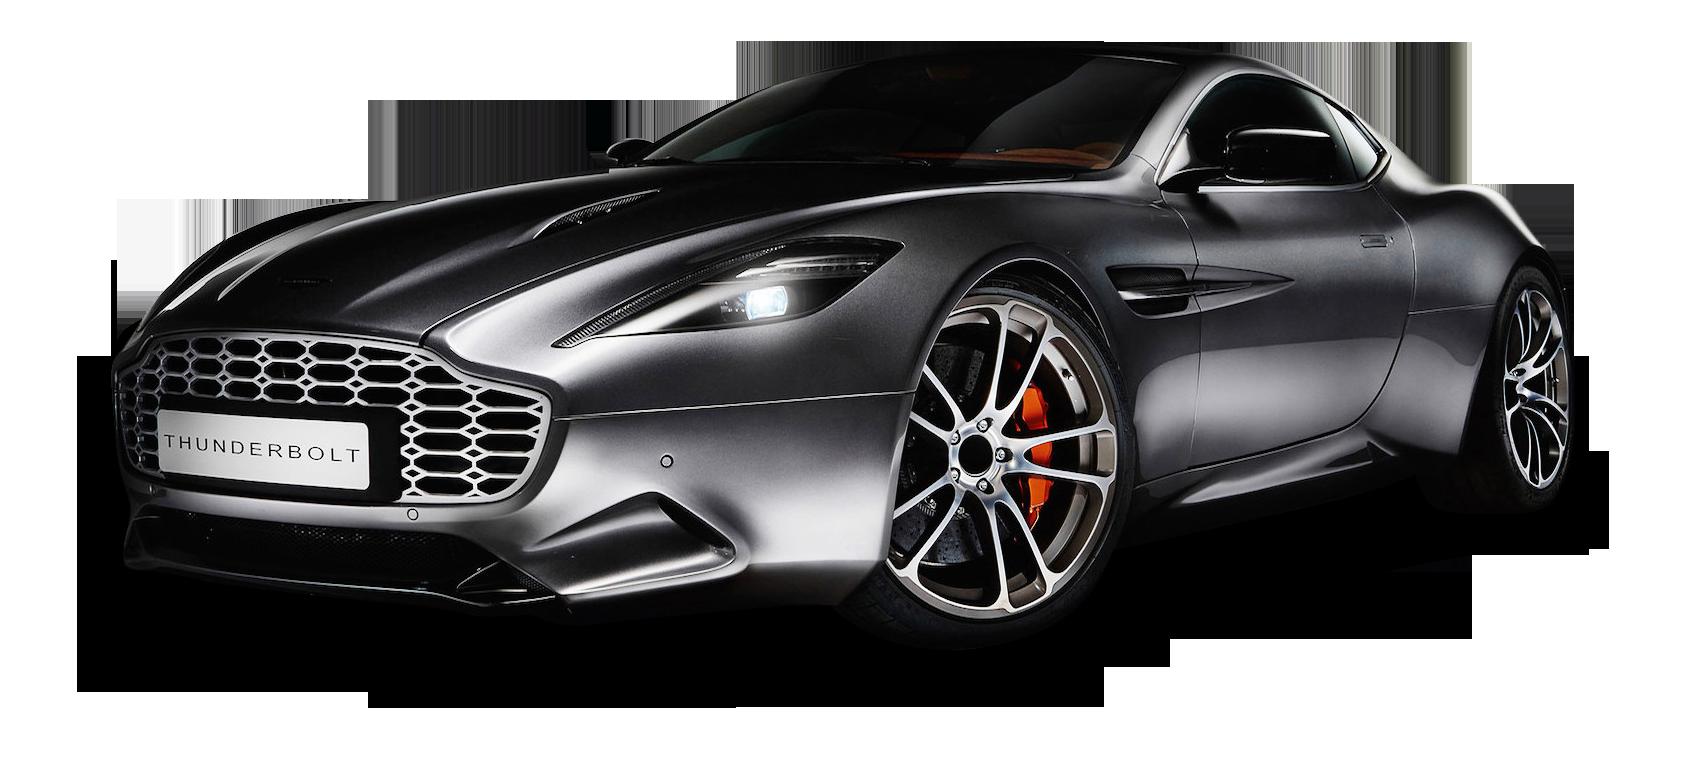 Aston Martin Vanquish Thunderbolt Car